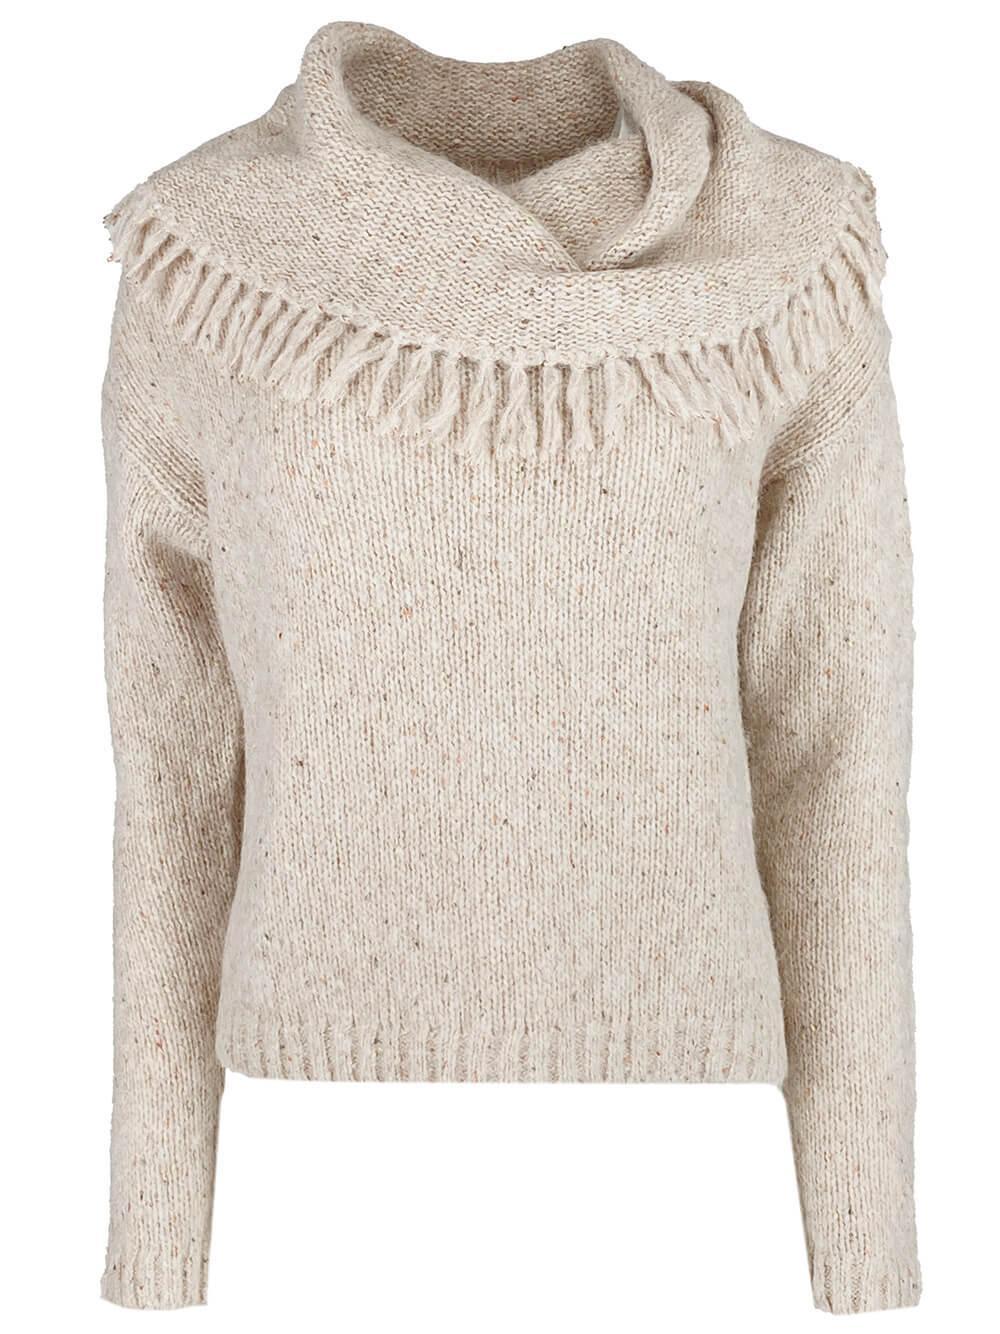 Lewes Fringe Off The Shoulder Sweater Item # FLP3669